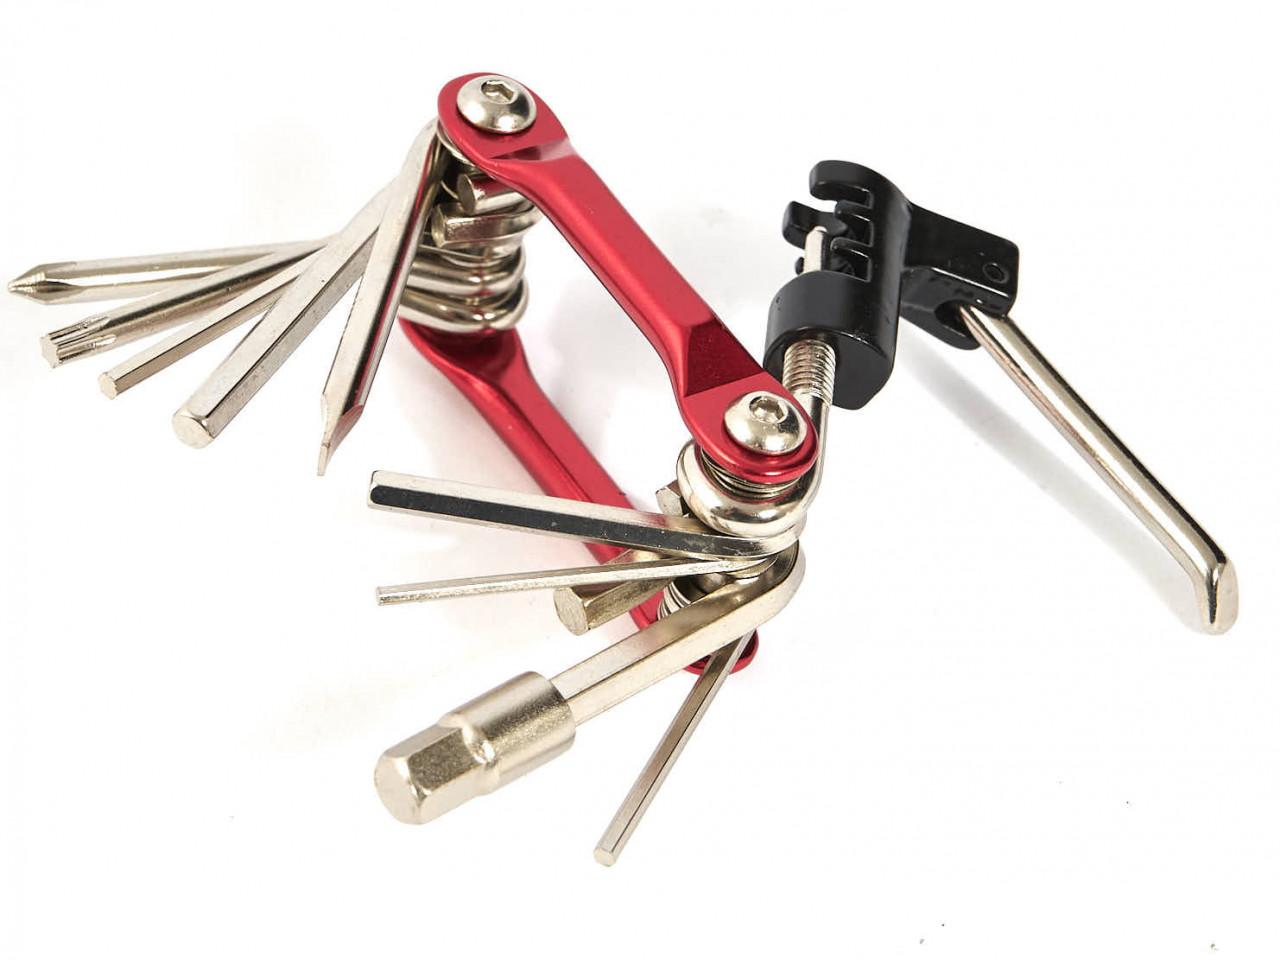 khe-faltwerkzeug-folding-tool